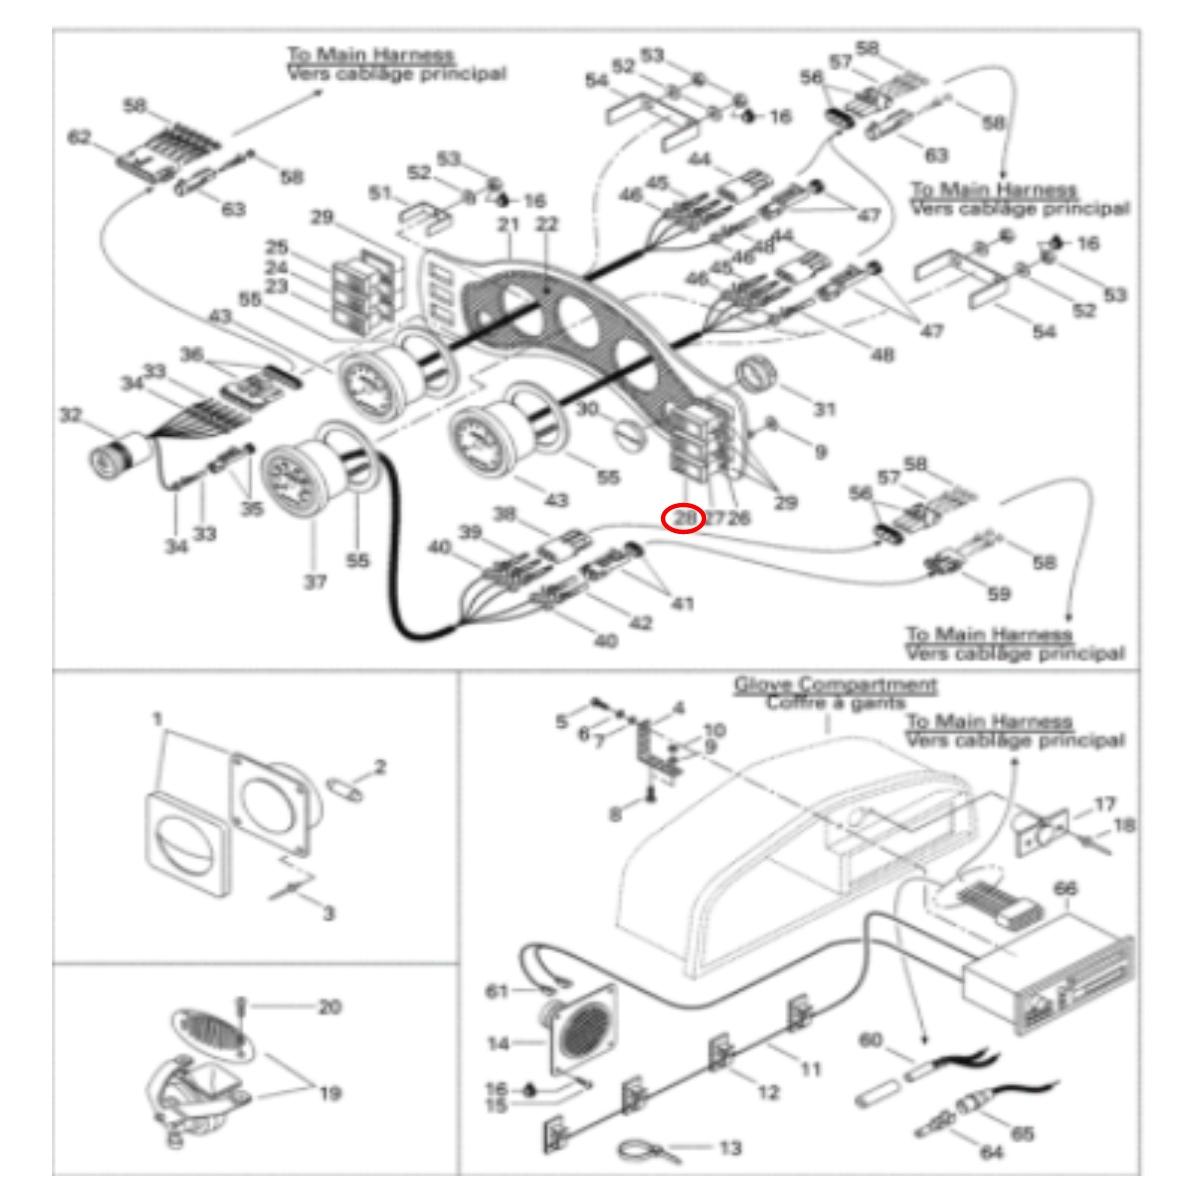 Botão Gasolina Challenger Painel para Jet Ski Sea Doo  - Radical Peças - Peças para Jet Ski